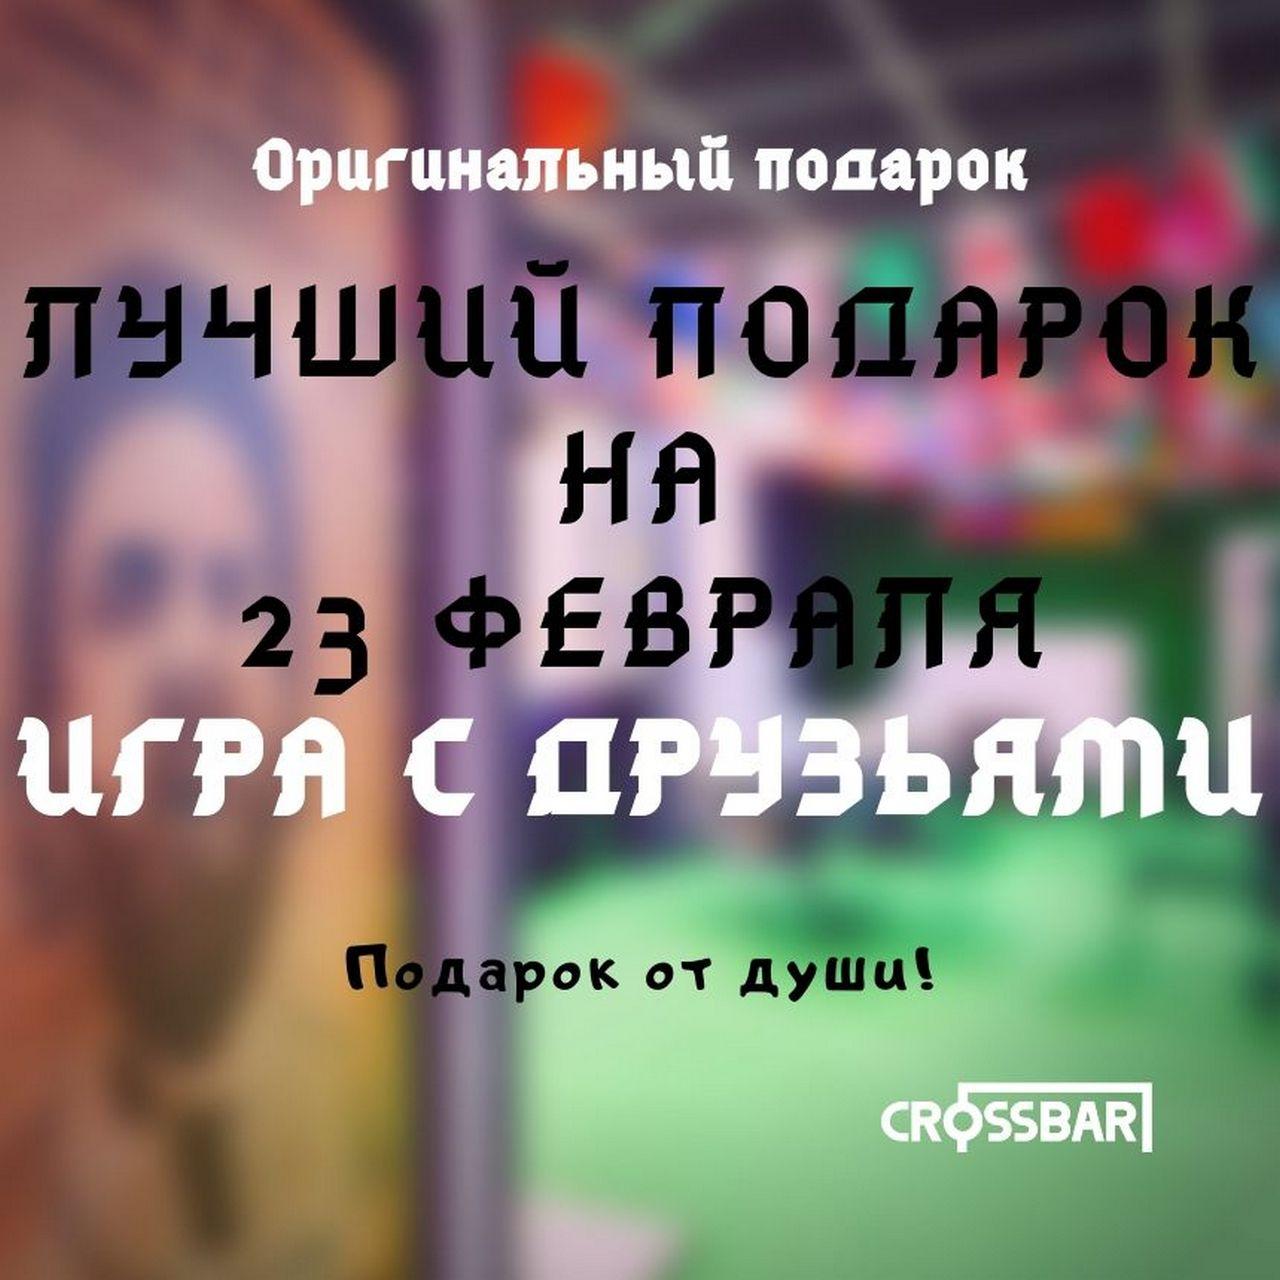 Фотография сертификат на 23 февраля в баре CrossBAR Минск